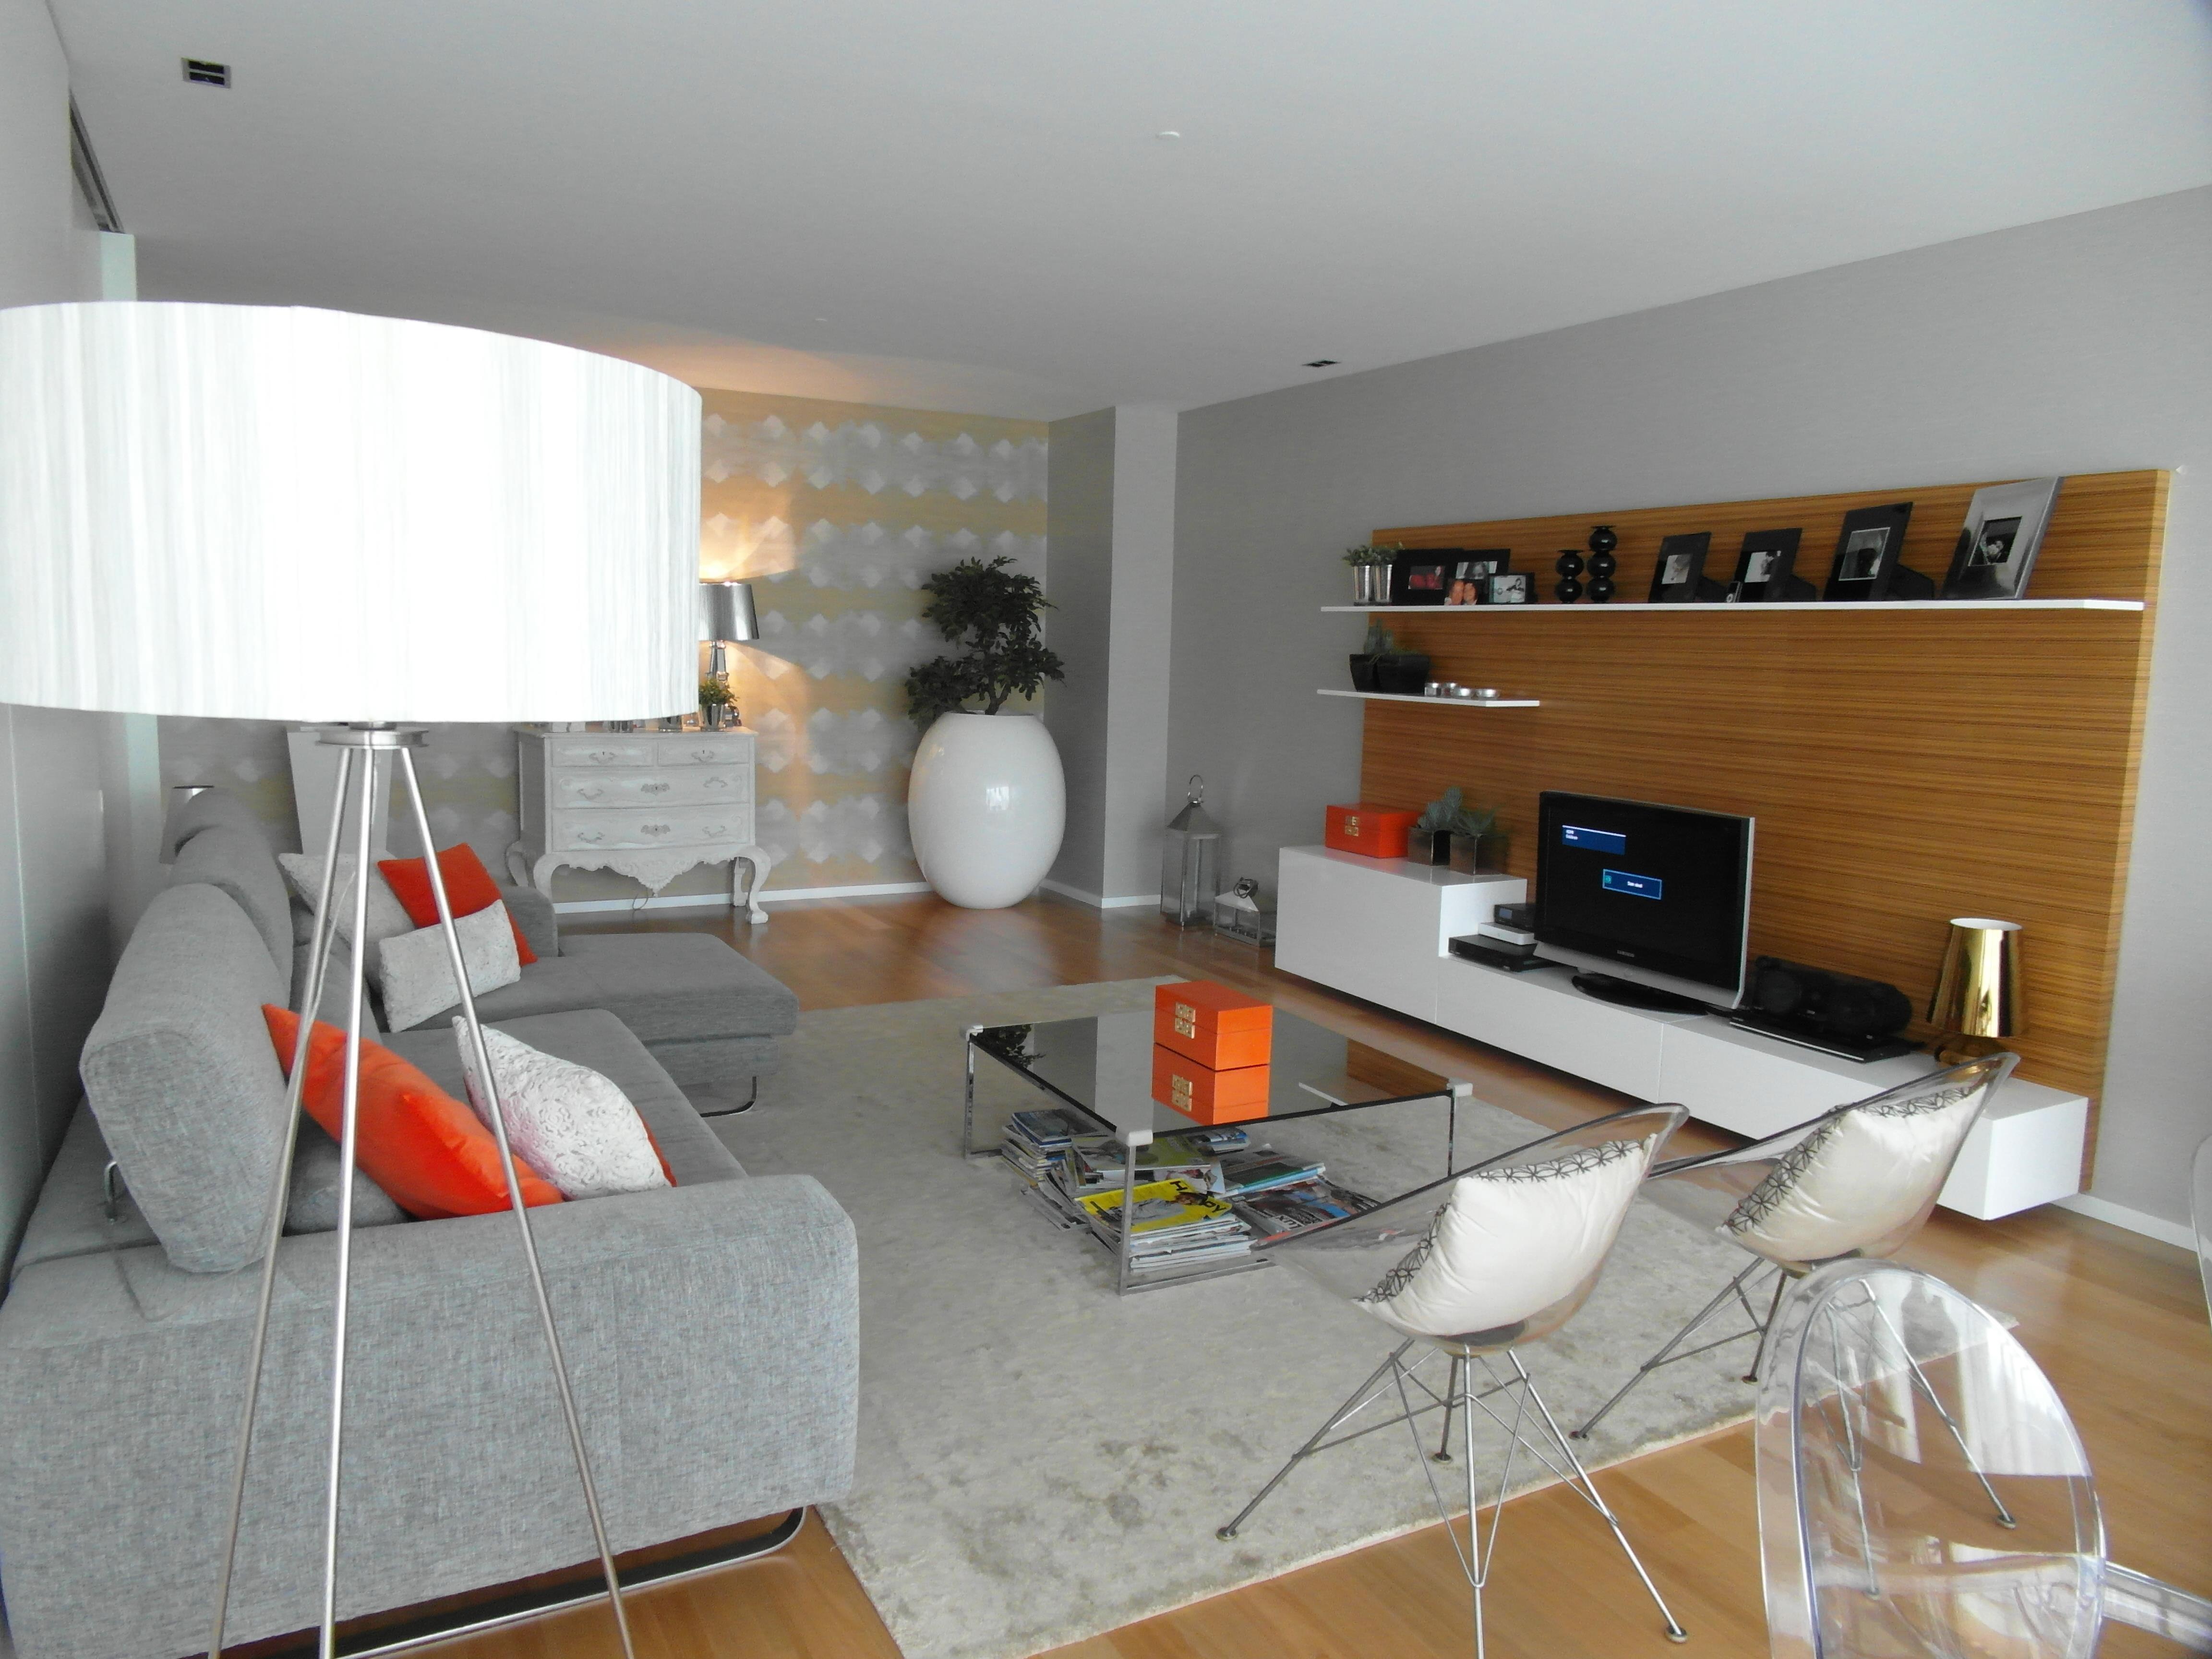 公寓 为 销售 在 Flat, 4 bedrooms, for Sale 辛特拉, 葡京, 2605-193 葡萄牙